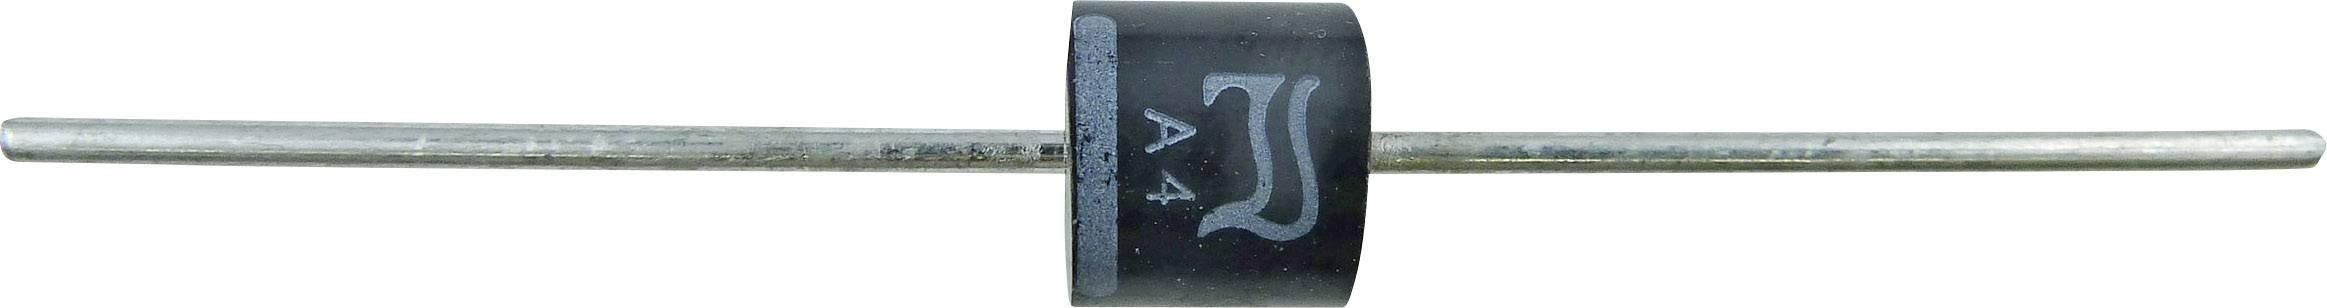 Kremíková usmerňovacia dióda Diotec P600J P600J 6 A, 600 V